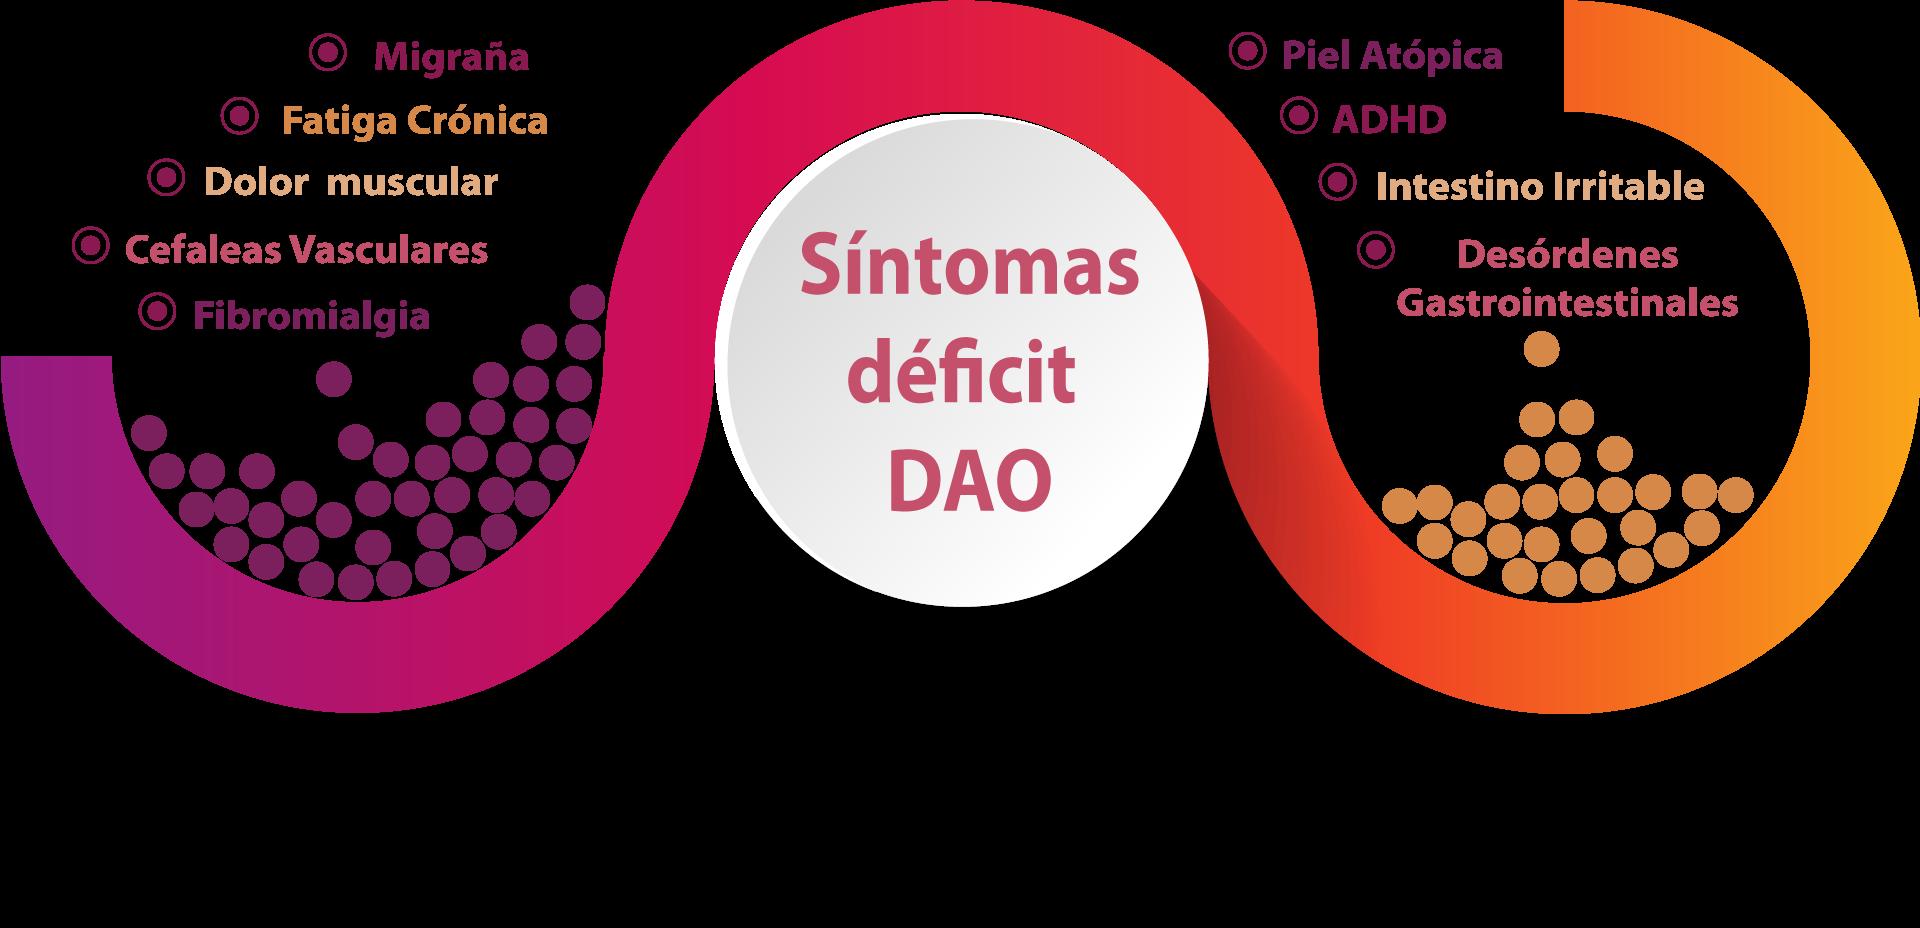 síntomas déficit dao